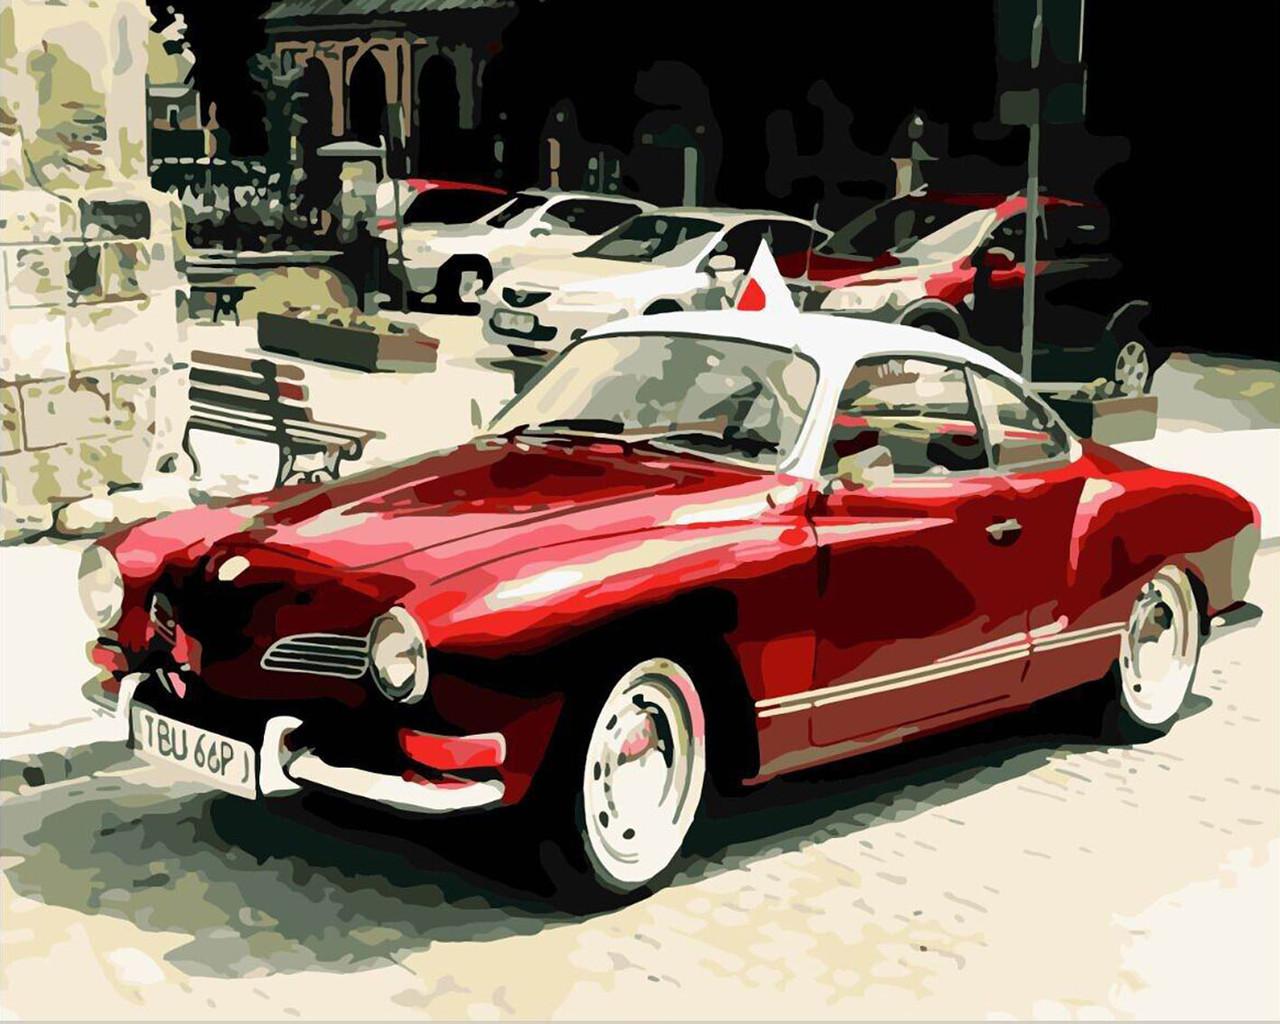 Картина по номерам Ретро авто 40 х 50 см (BRM8909)